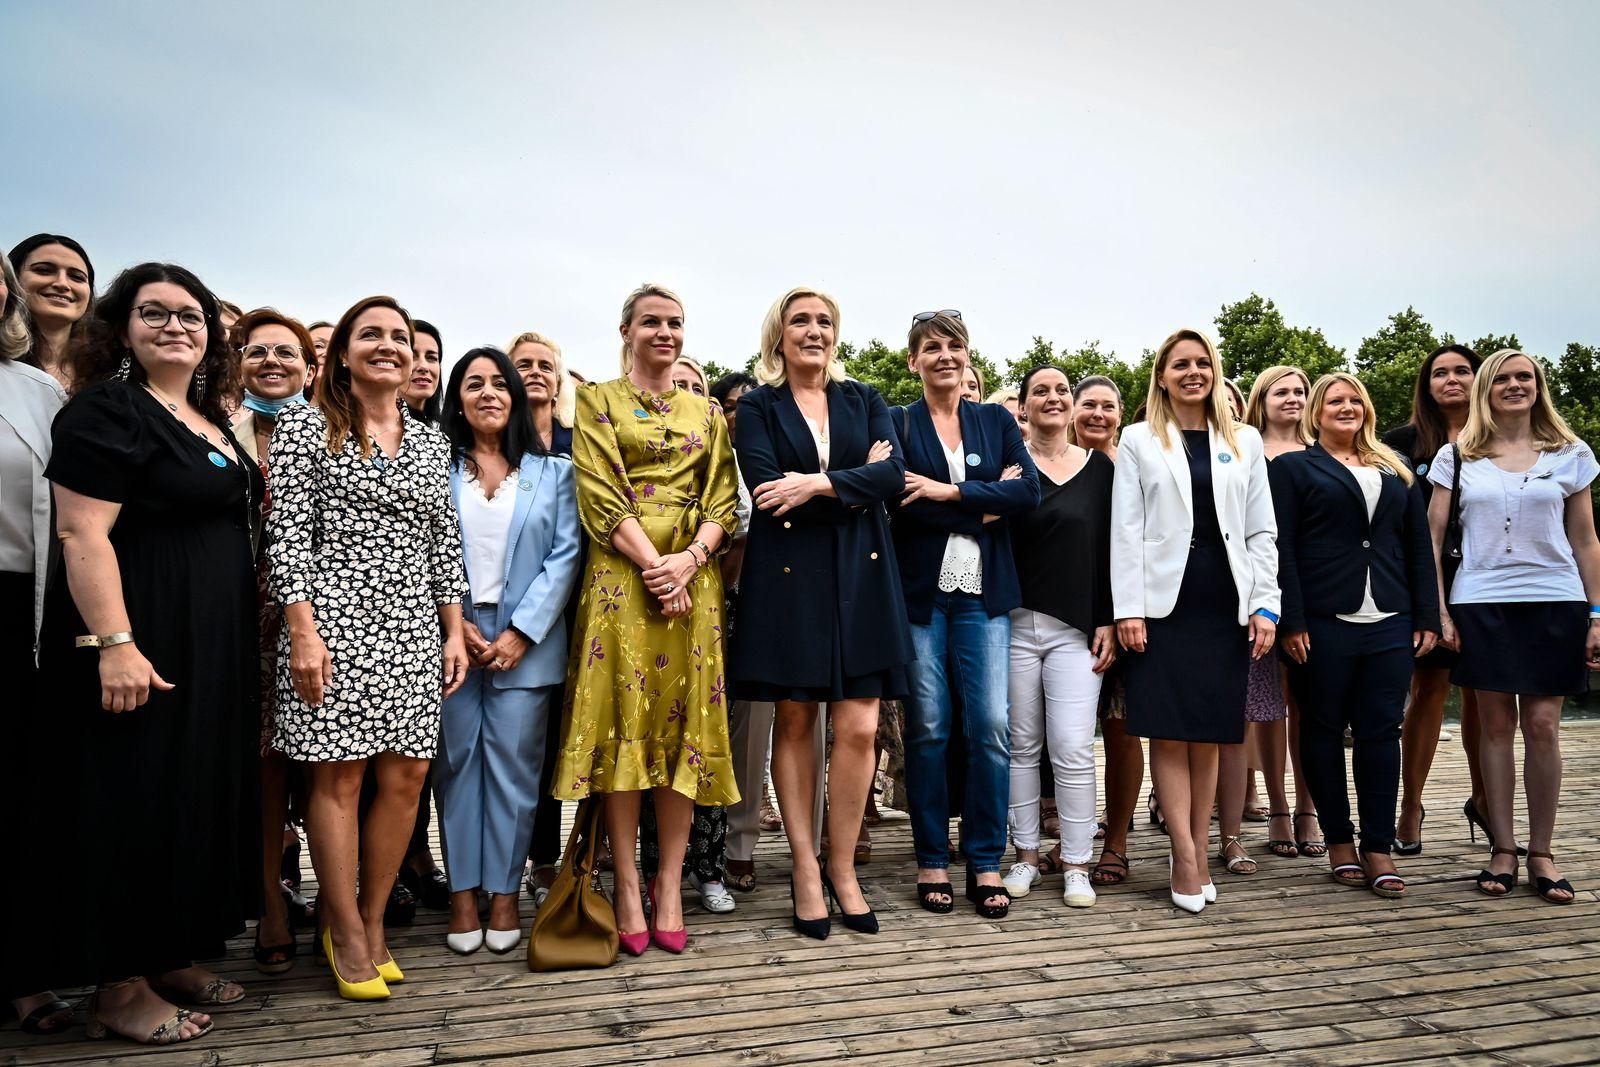 Frankreich, Parteitag des Rassemblement National in Perpignan Marine Le Pen et les femmes du RN NEWS : Congres du Rassem